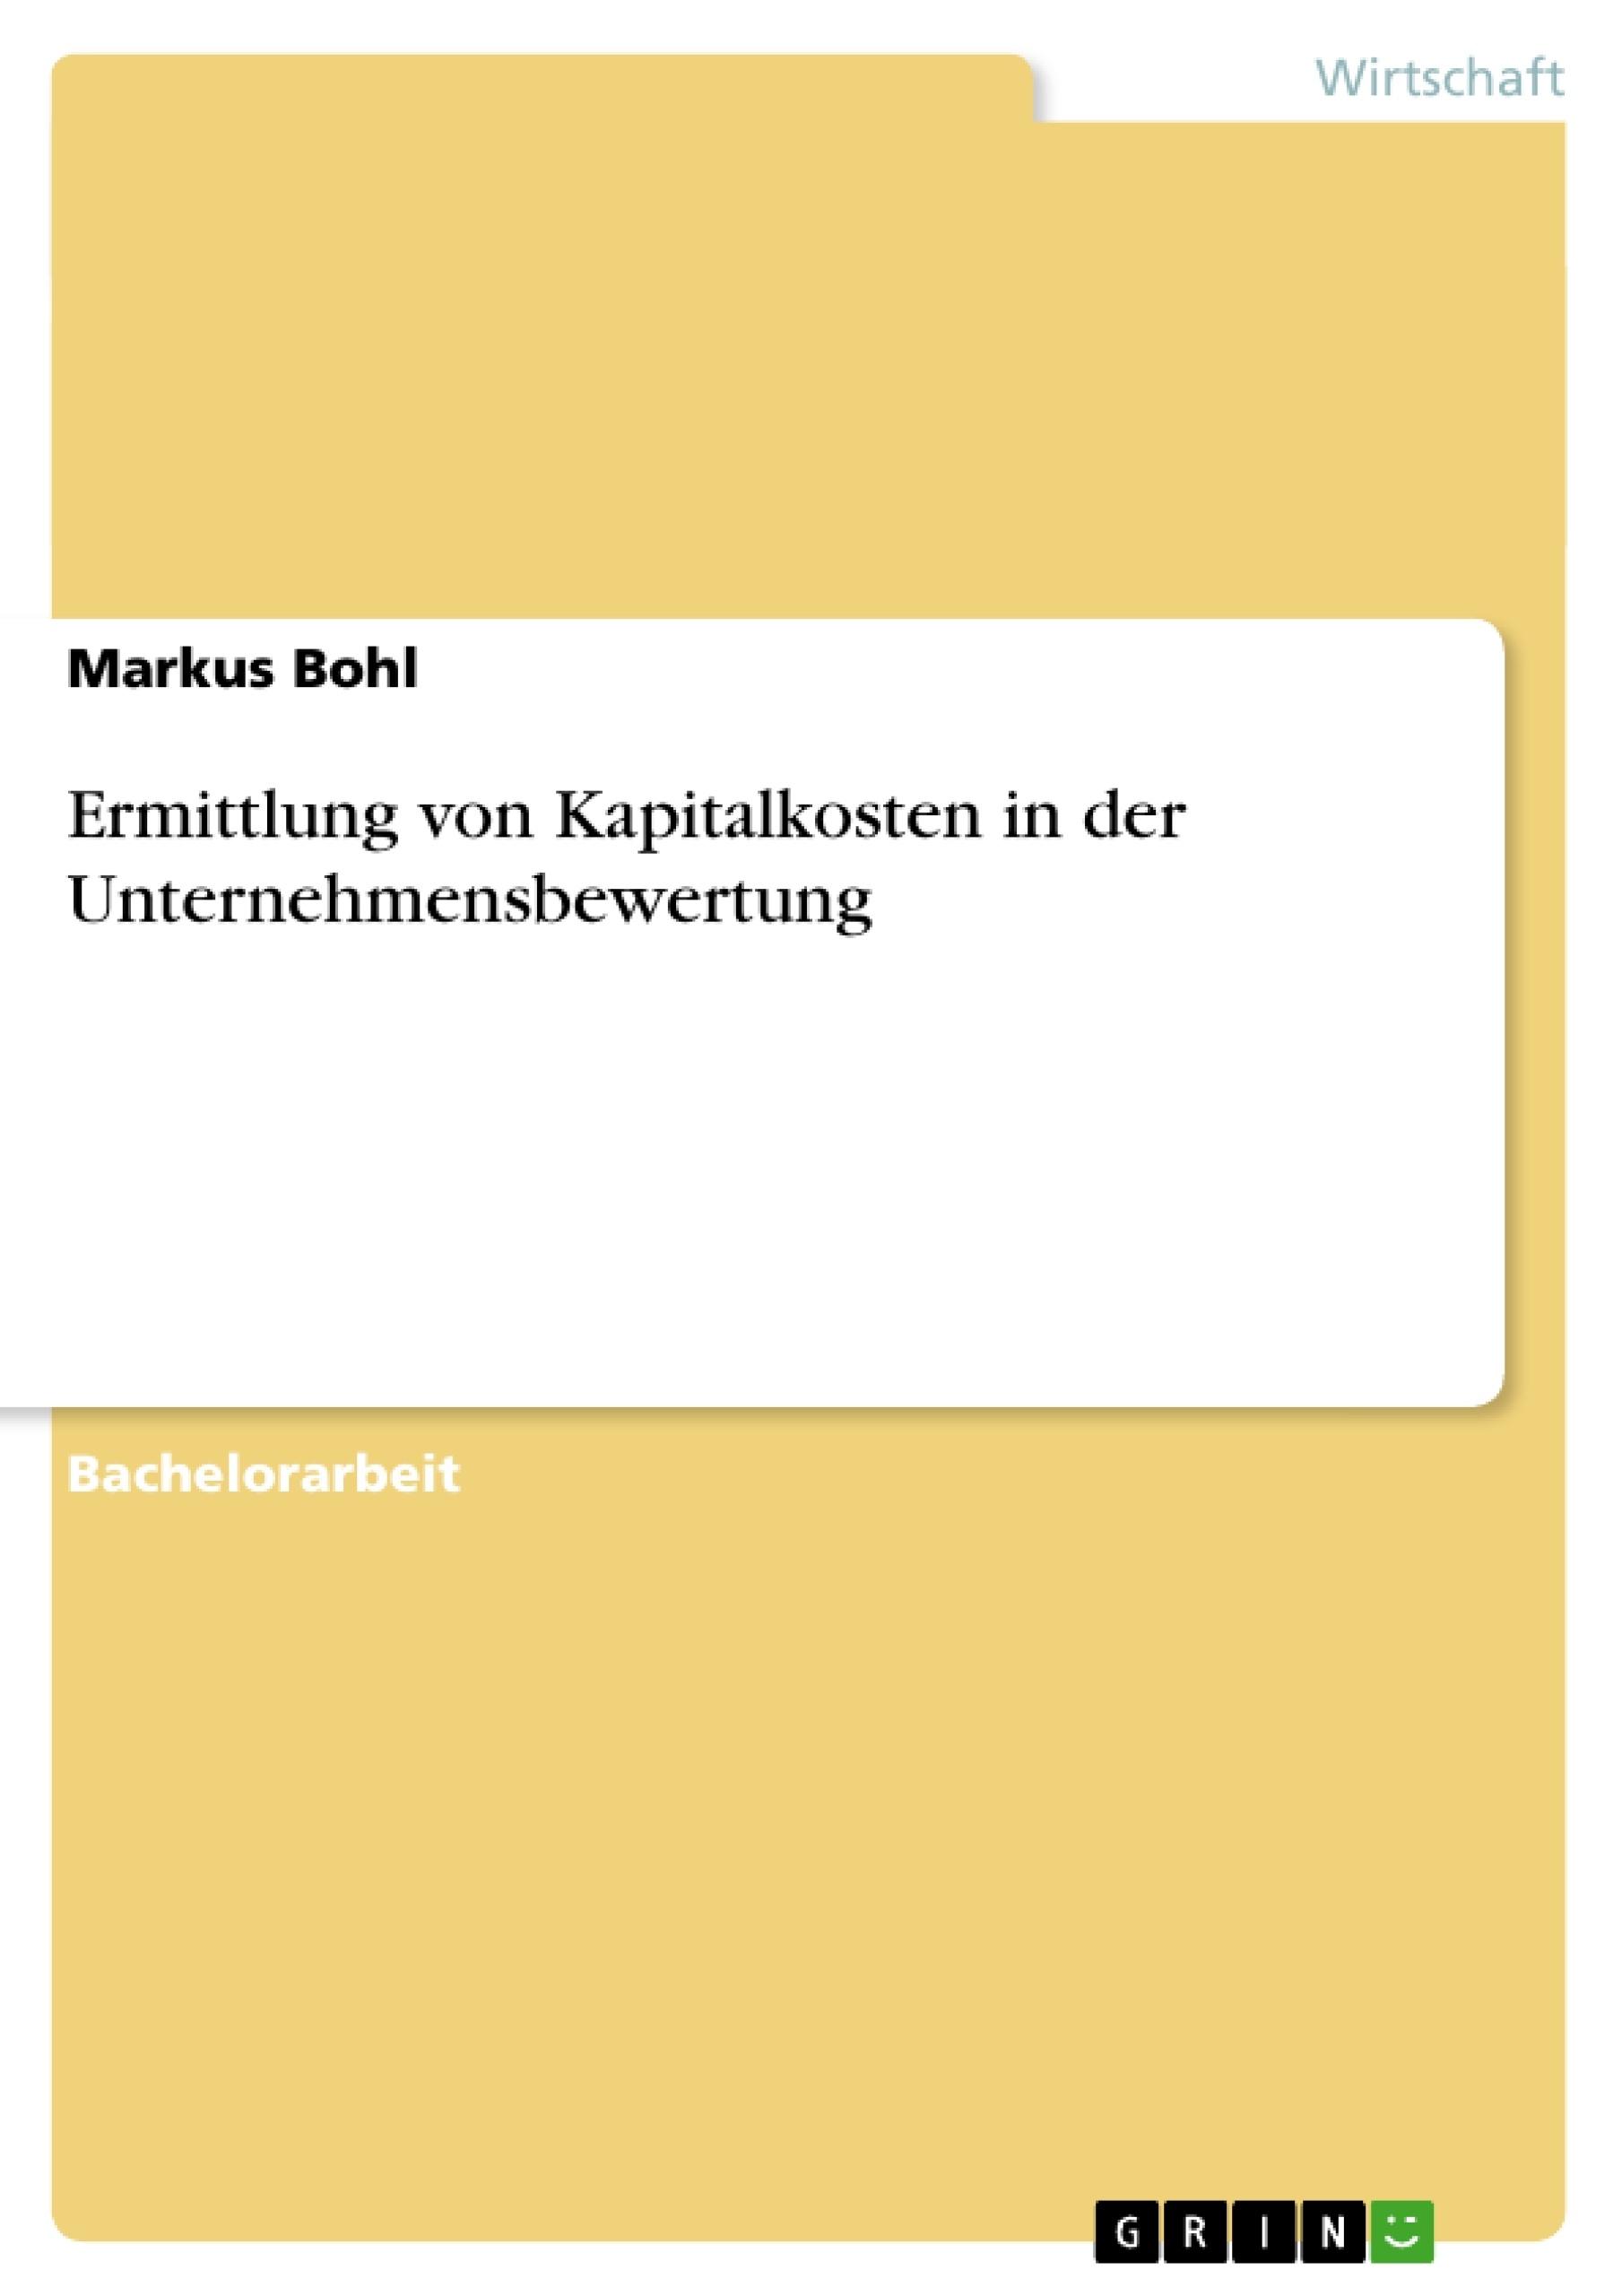 Titel: Ermittlung von Kapitalkosten in der Unternehmensbewertung